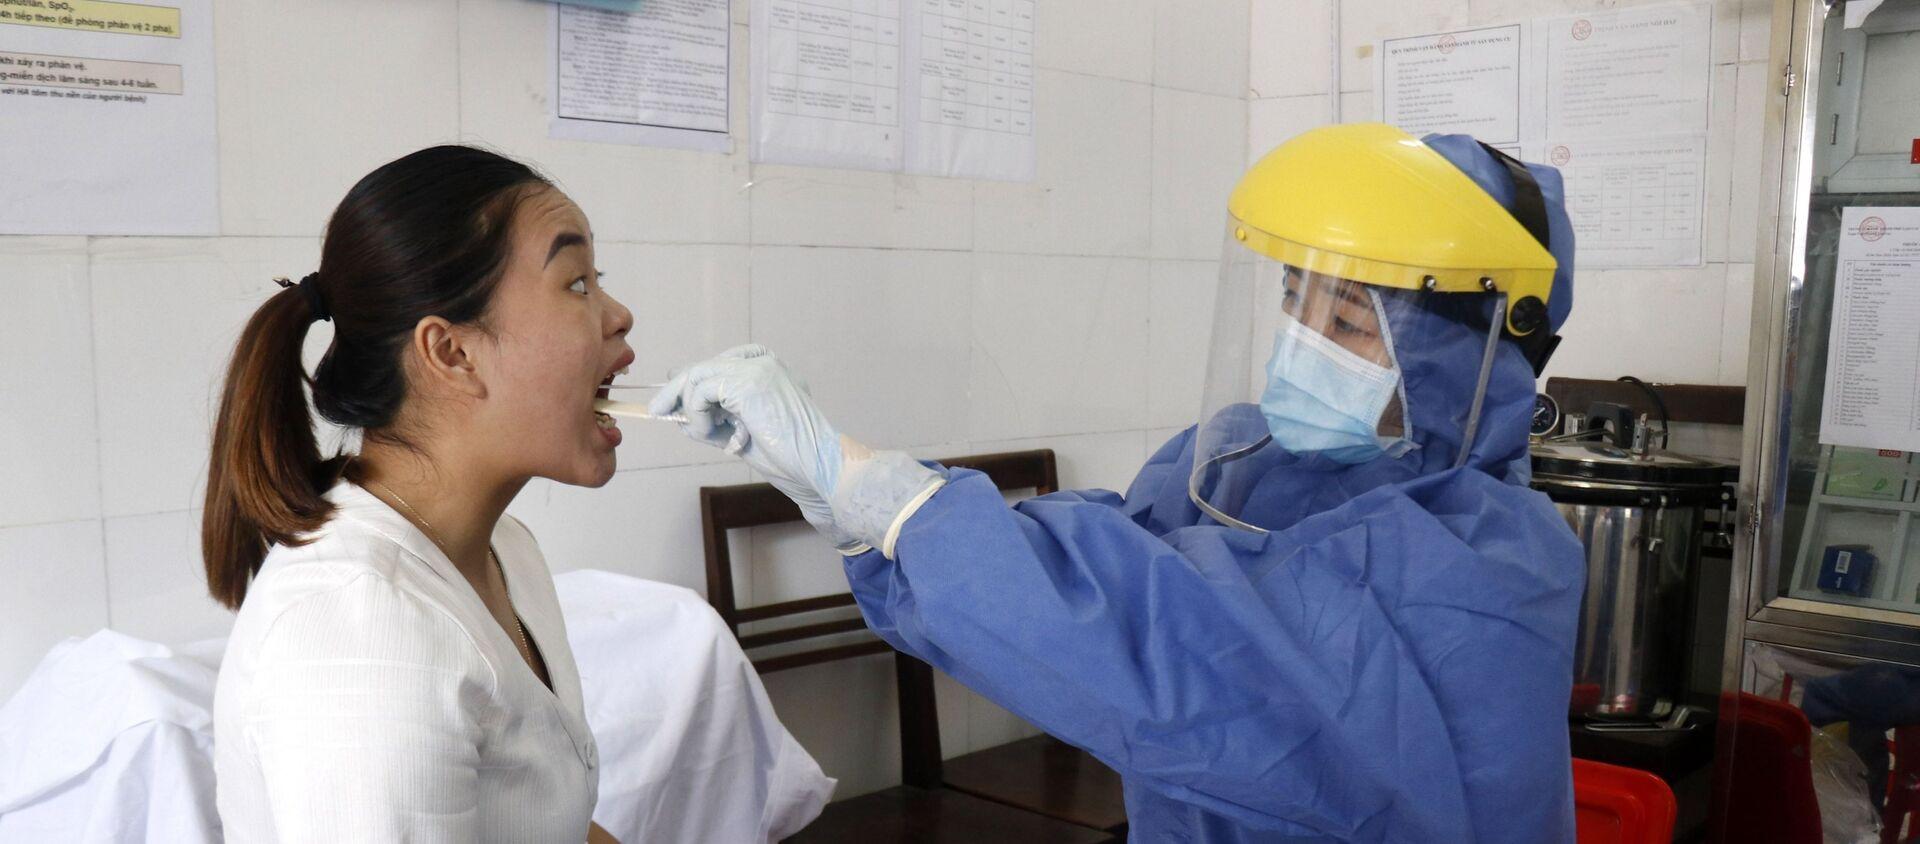 Lấy mẫu xét nghiệm phát hiện sớm SARS-CoV-2 bằng phương pháp Real time – PCR tại thành phố Lào Cai.  - Sputnik Việt Nam, 1920, 29.07.2020